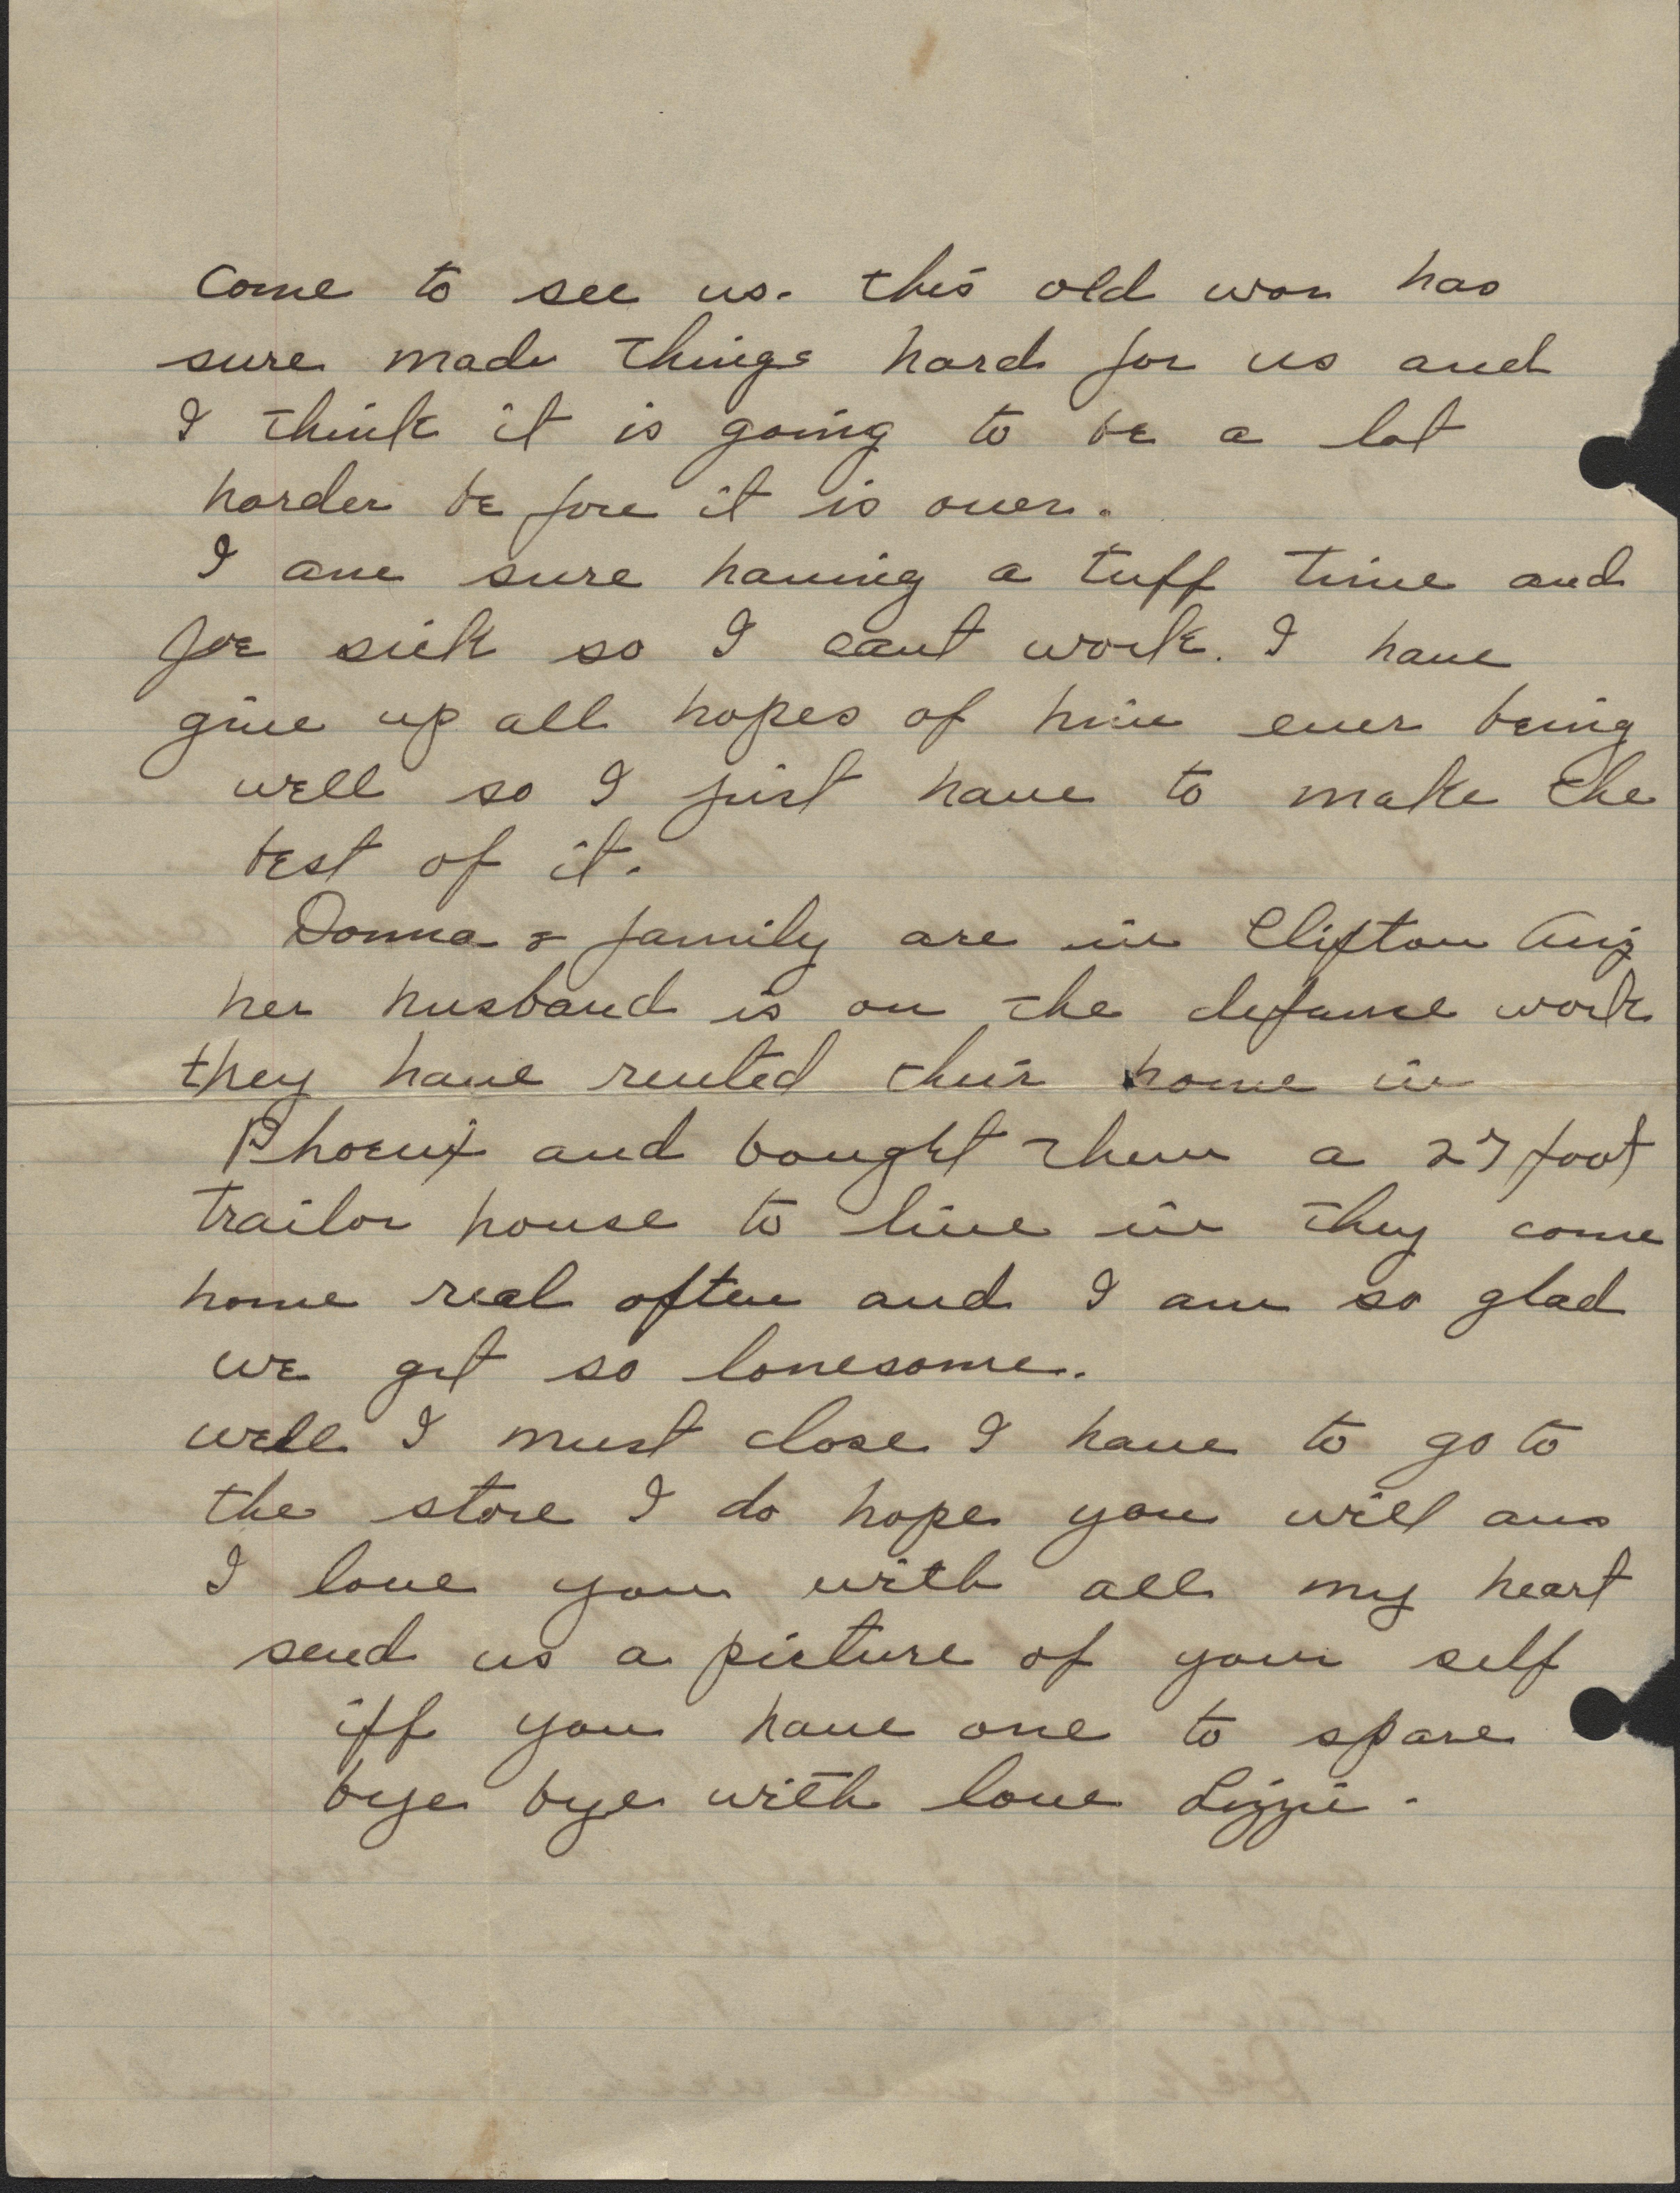 letter_lizzie_to_shepardrach_1943_03_04-copy